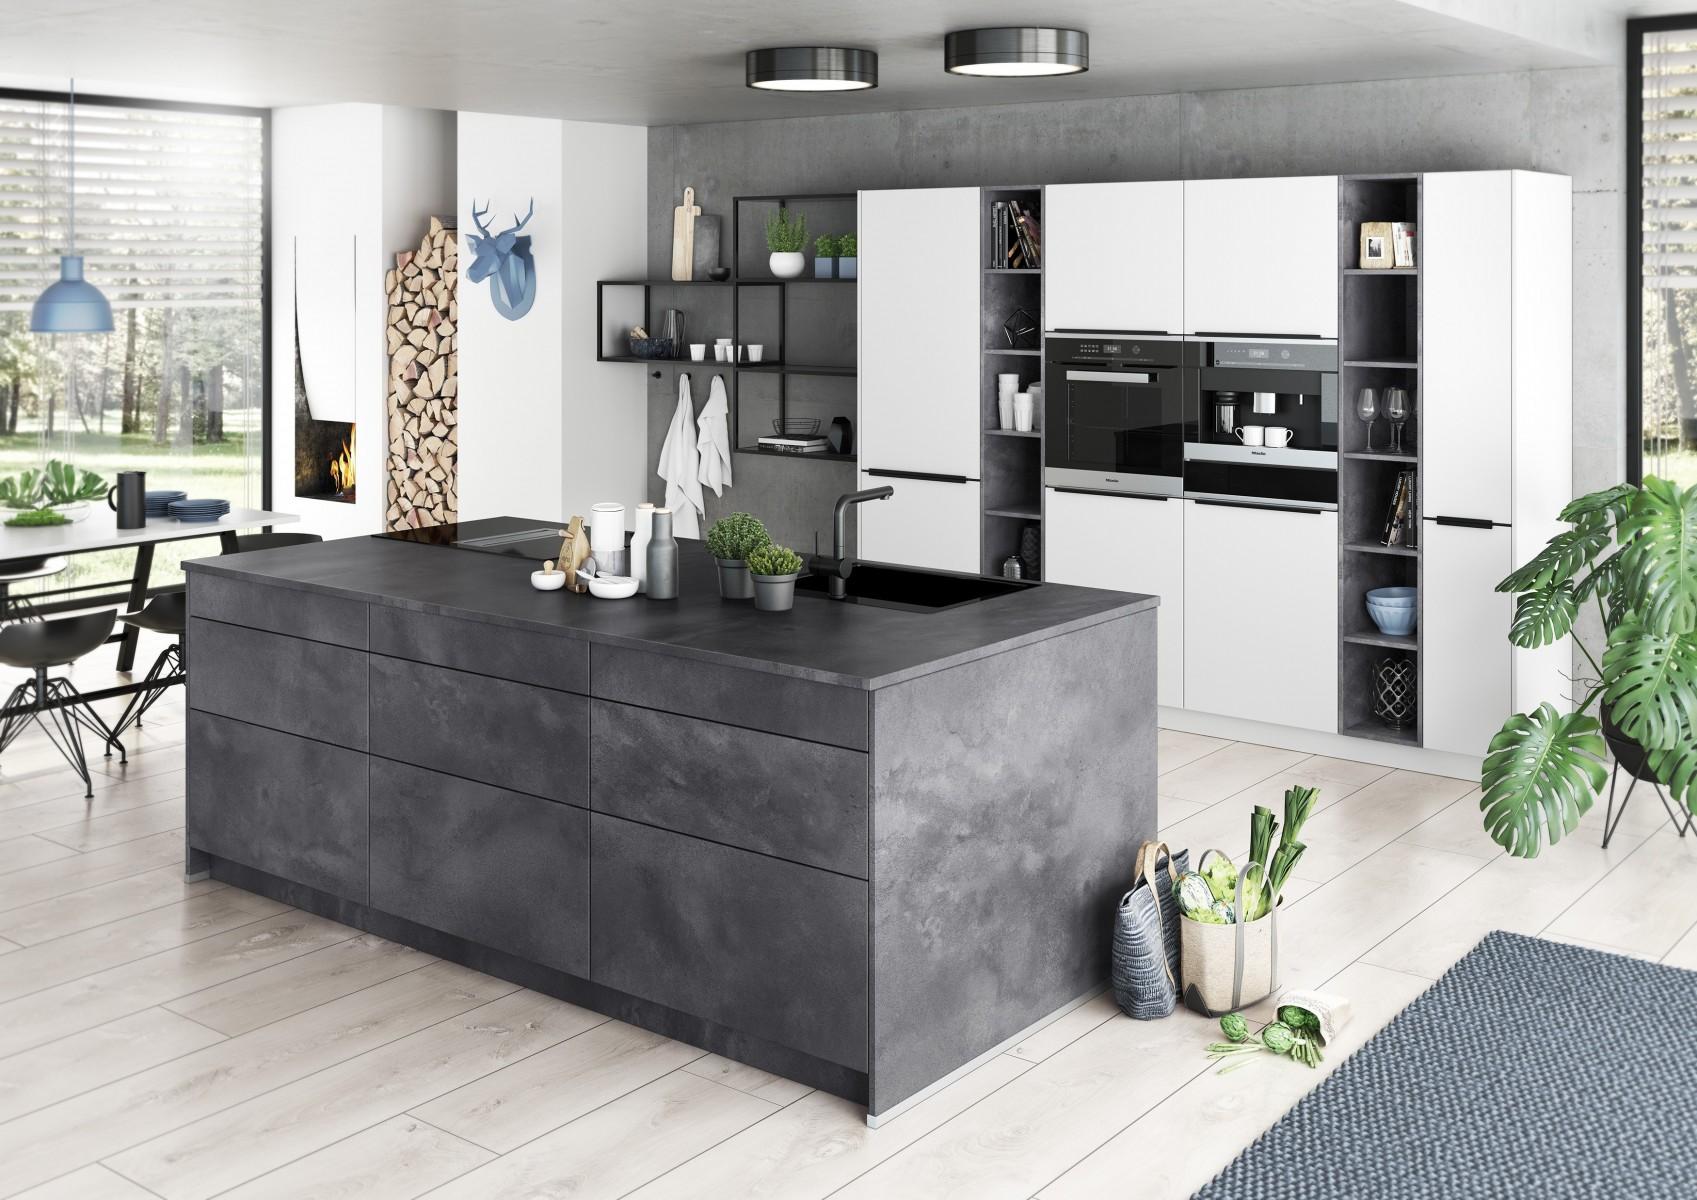 Artego Küche Insel